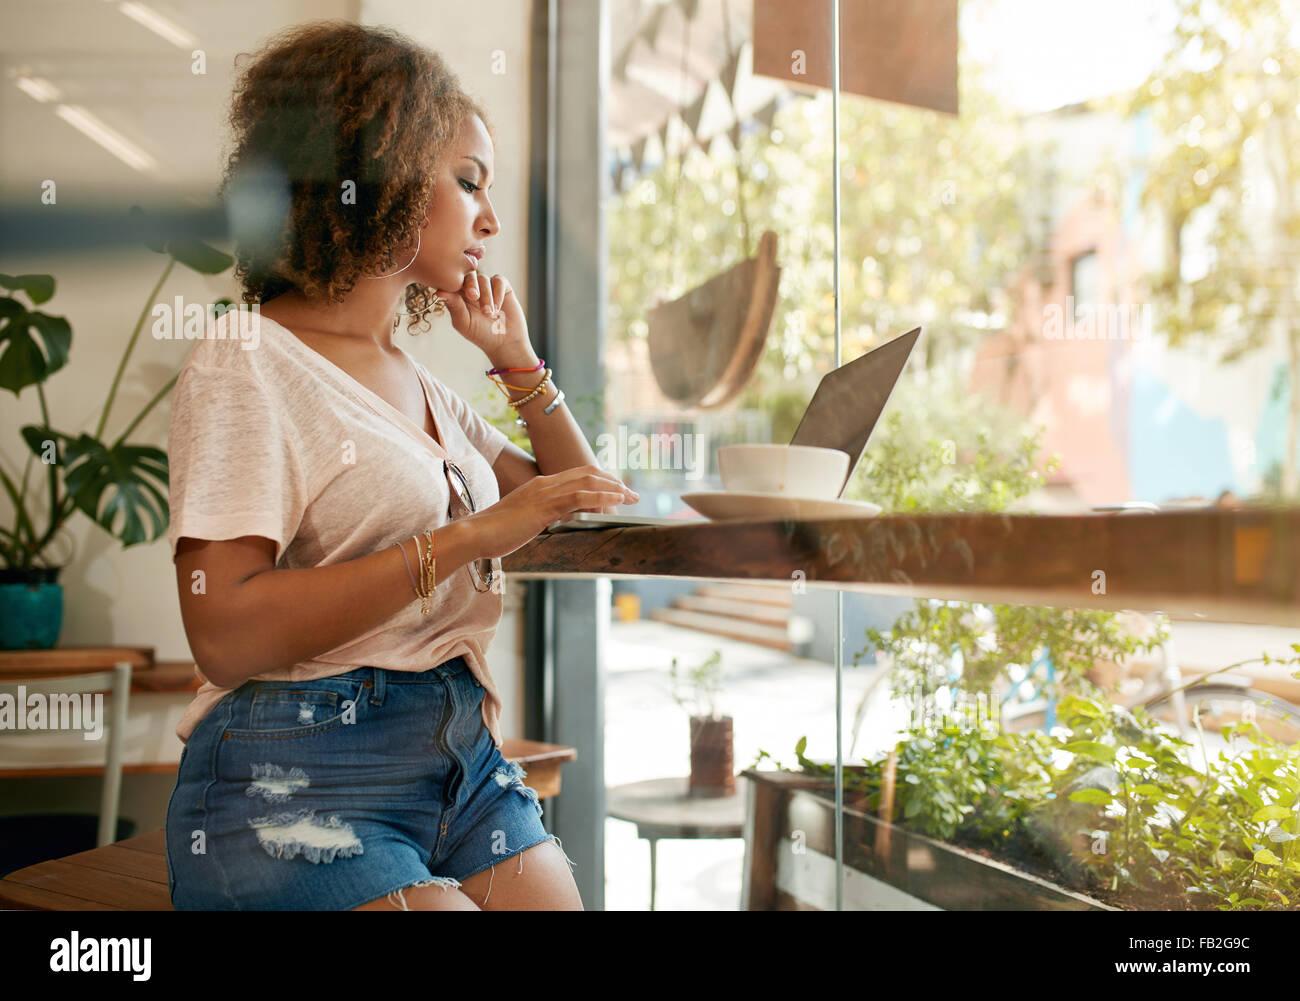 Tourné d'une jeune femme à l'aide de son ordinateur portable dans un café. Femme africaine Photo Stock